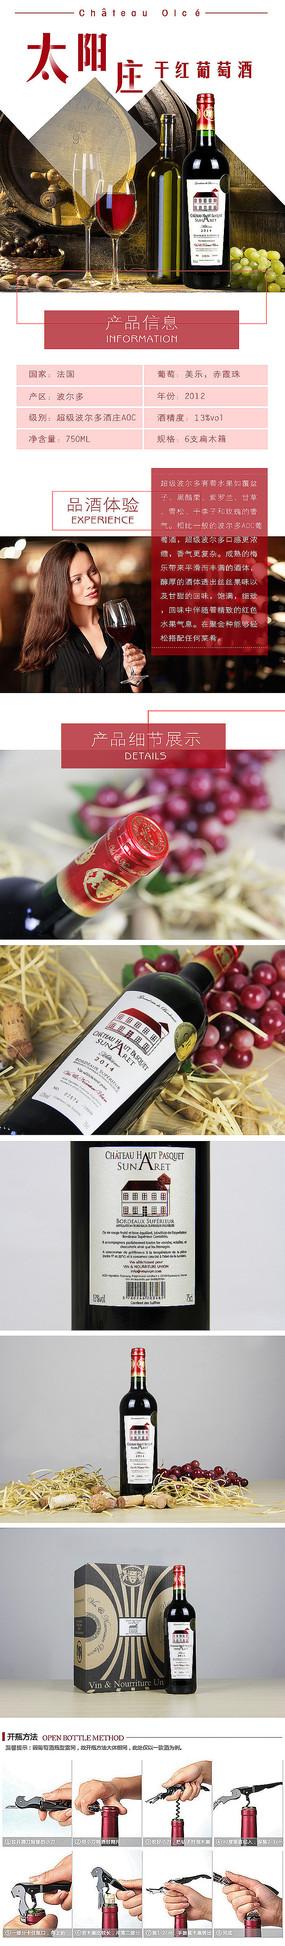 干红葡萄酒淘宝详情页模板